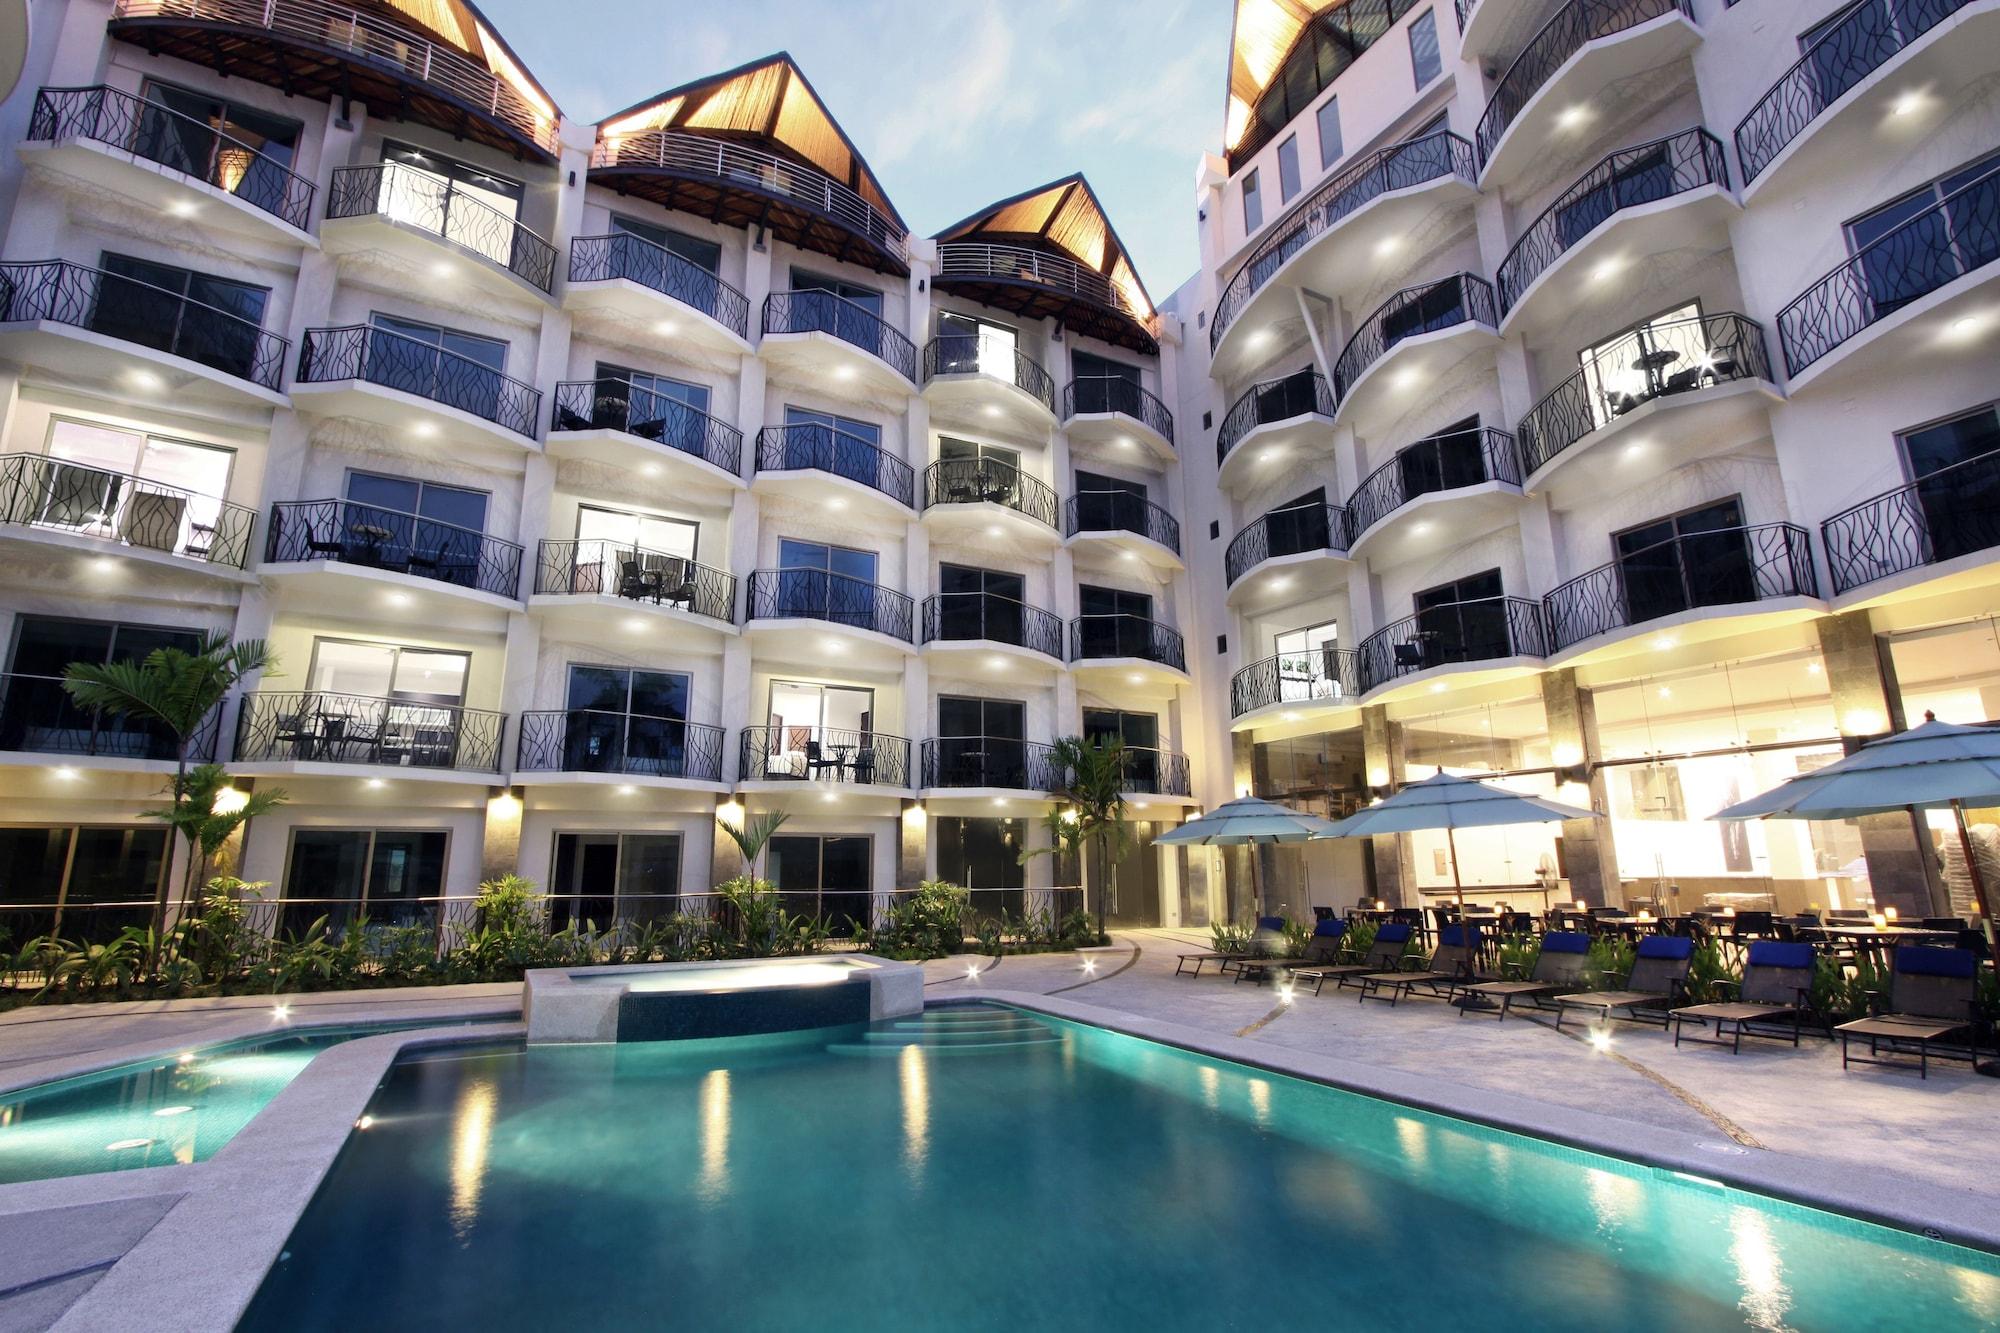 Oceano Boutique Hotel & Gallery, Garabito